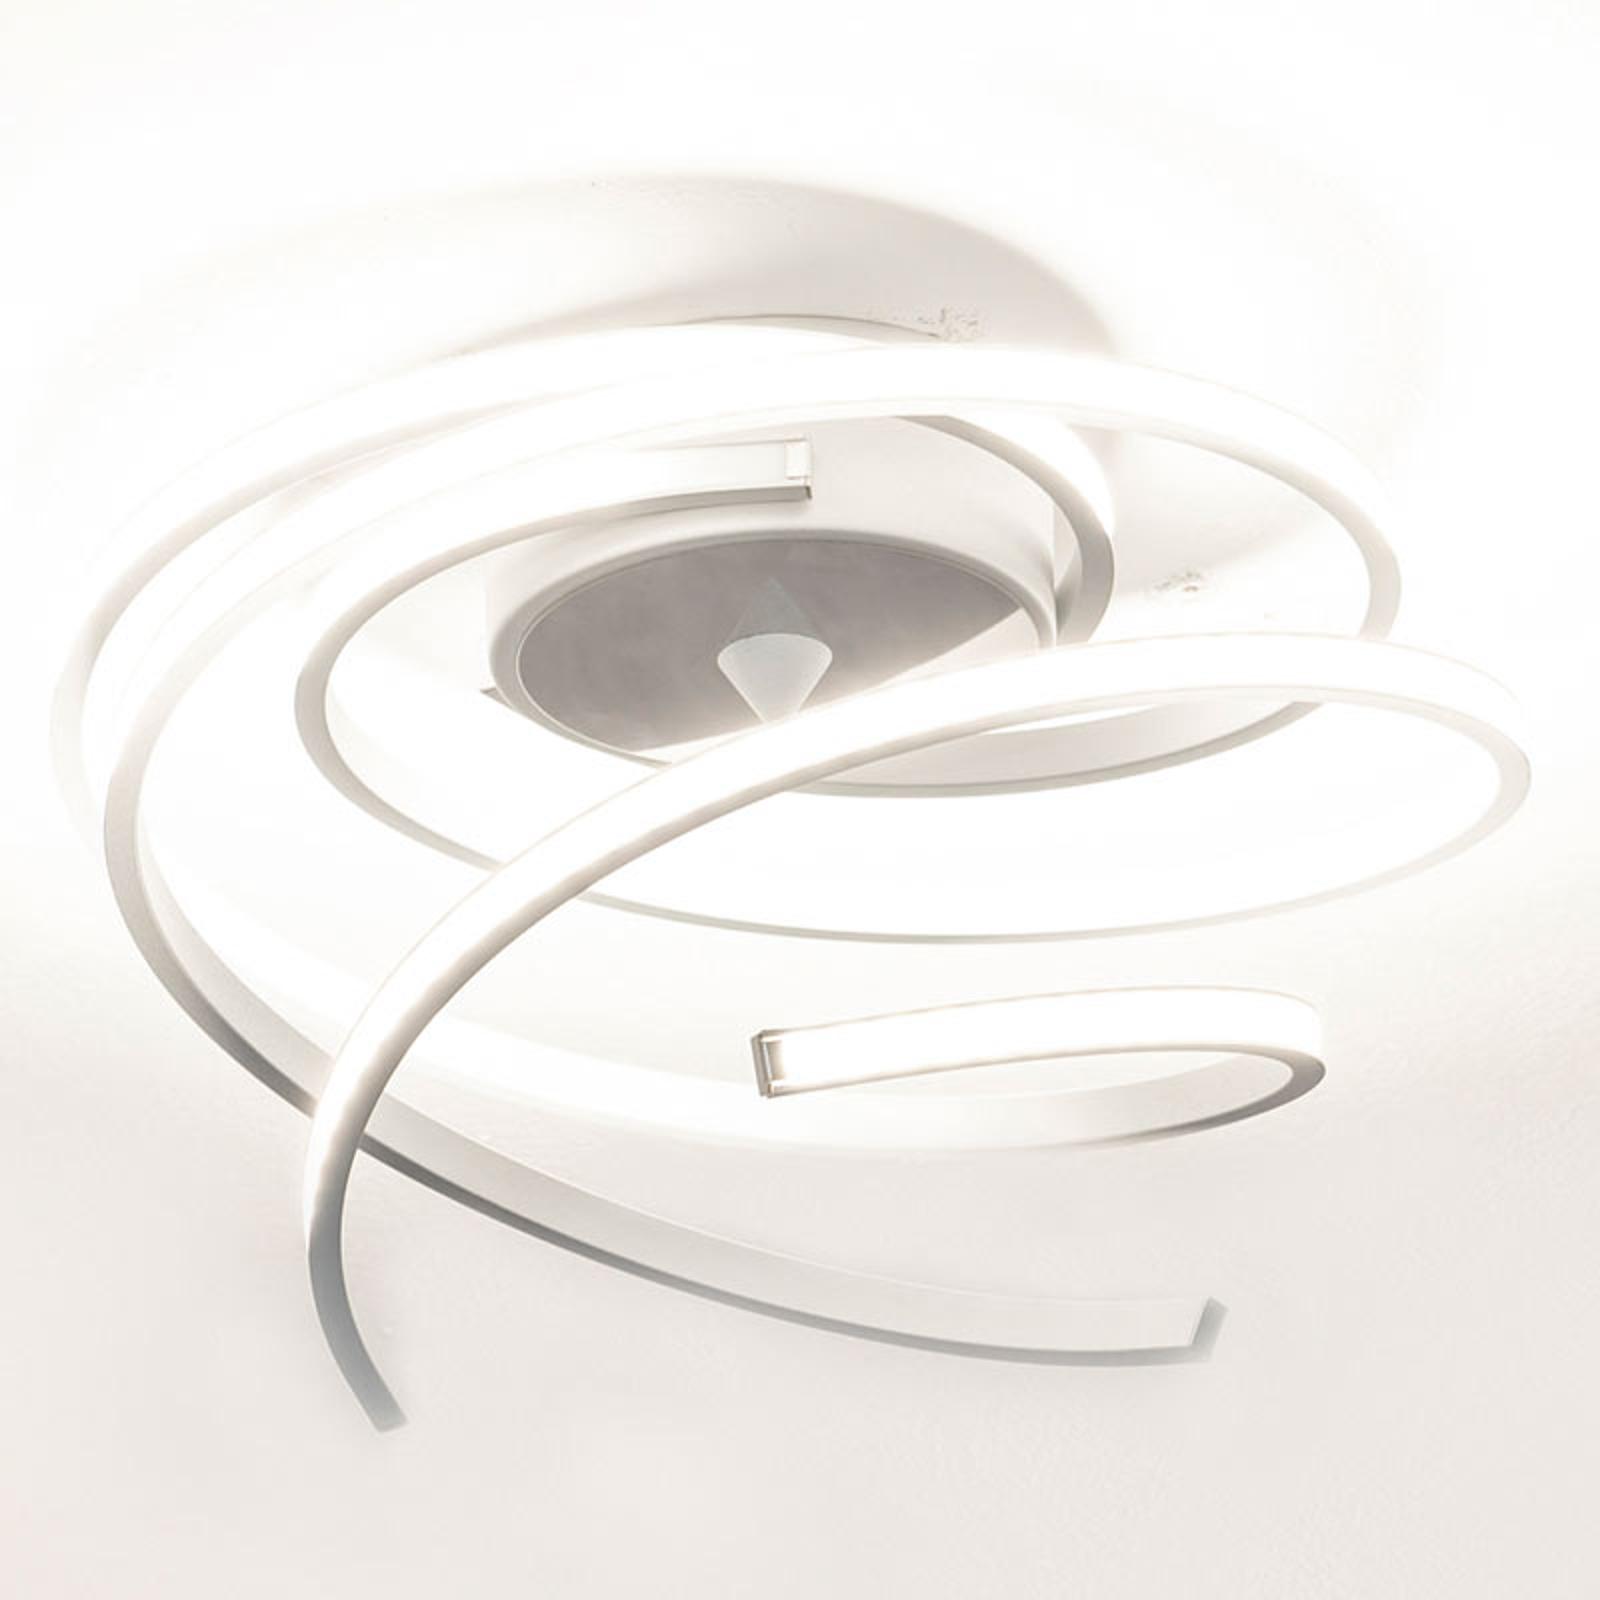 Plafoniera LED Lungo, alluminio, altezza 25 cm